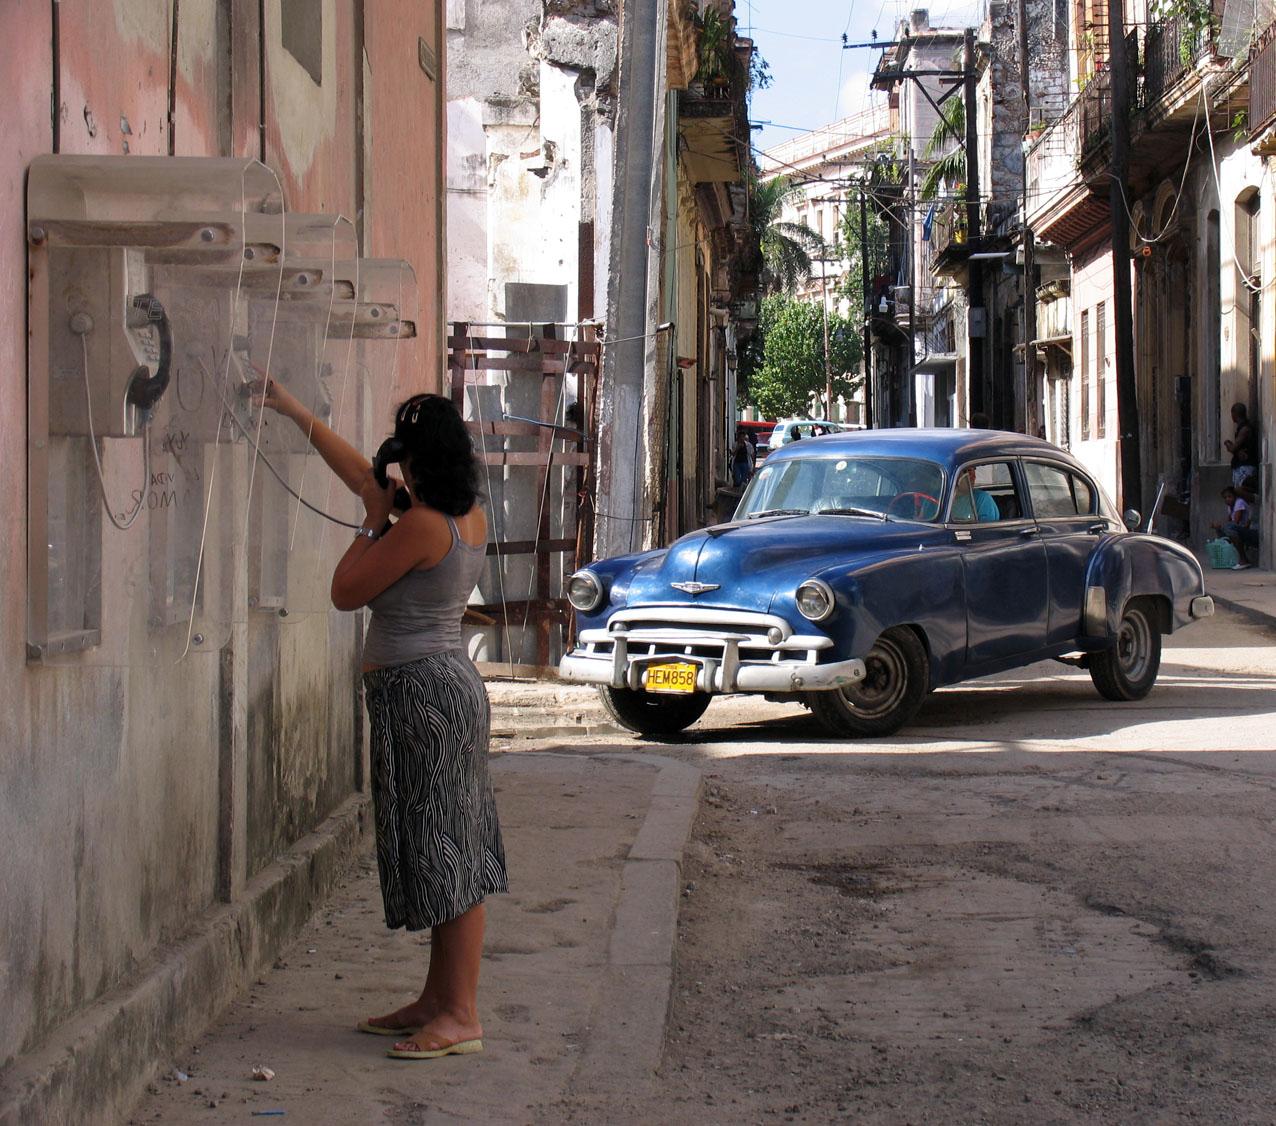 Visiting Cuba 2005